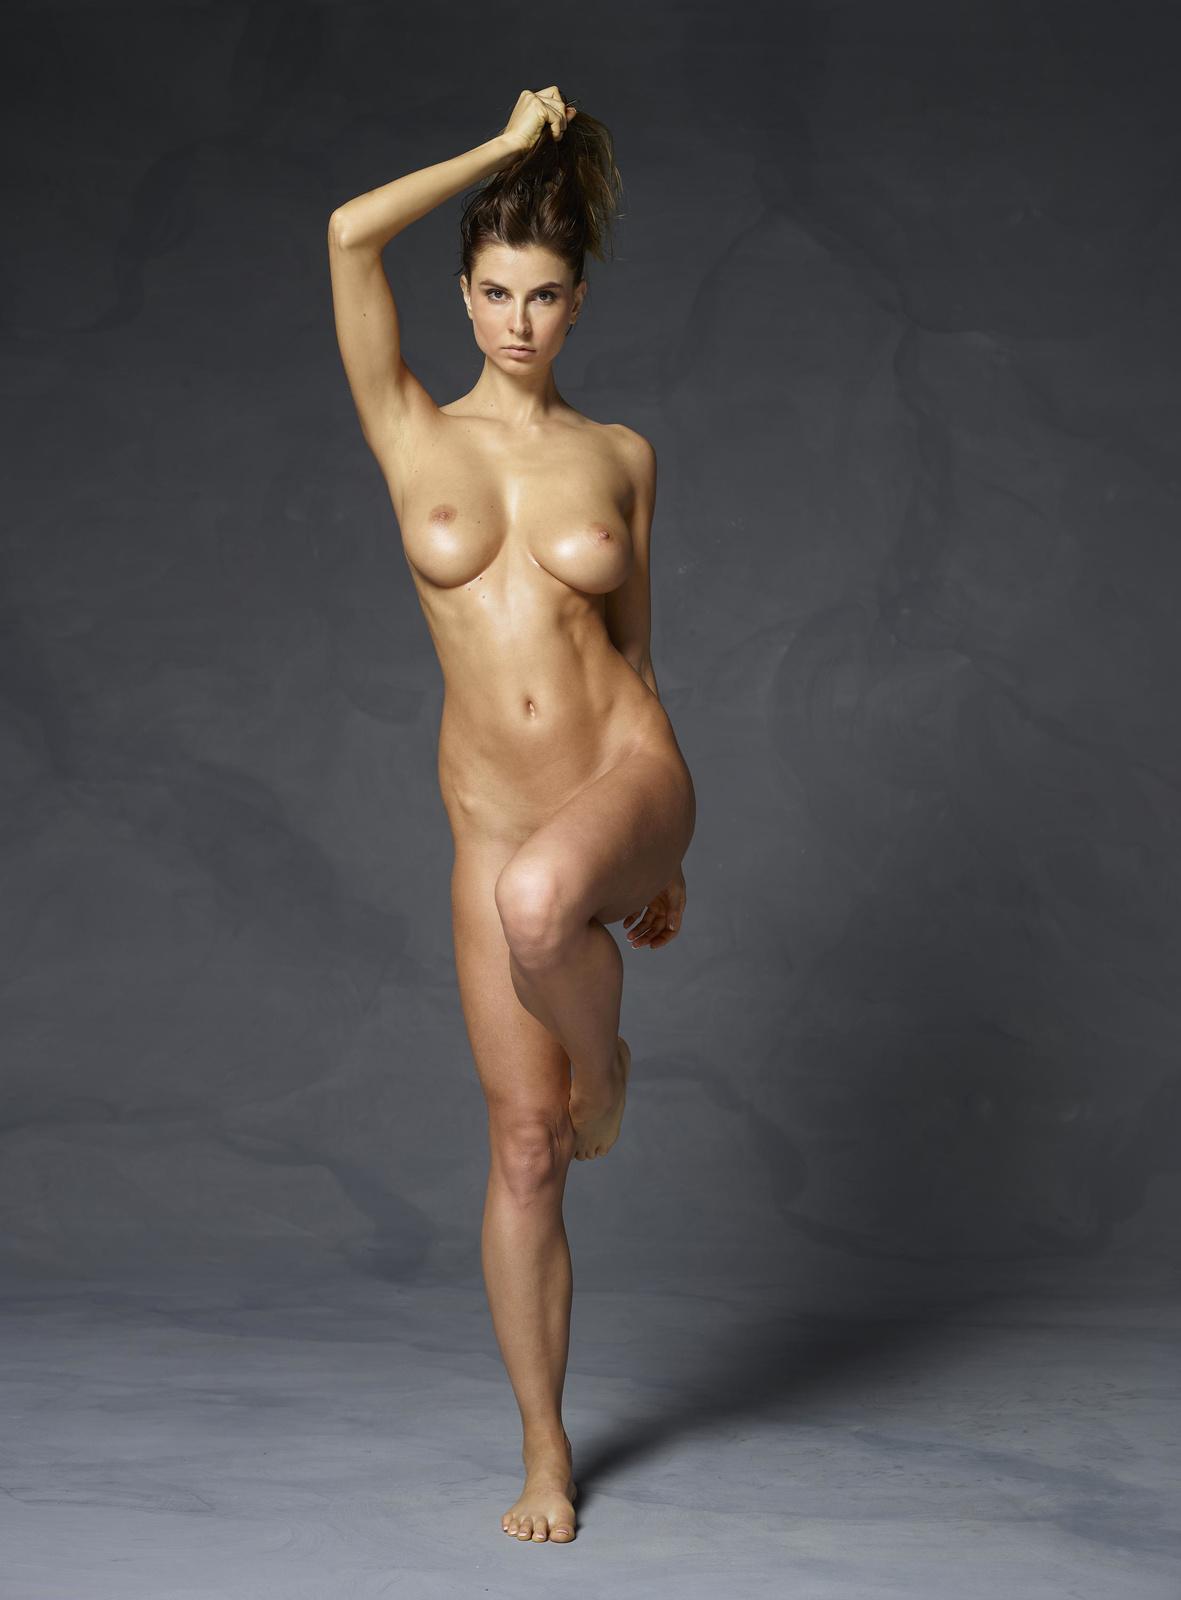 Zdjęcie porno - 0823 - Jędrne ciałko super babki